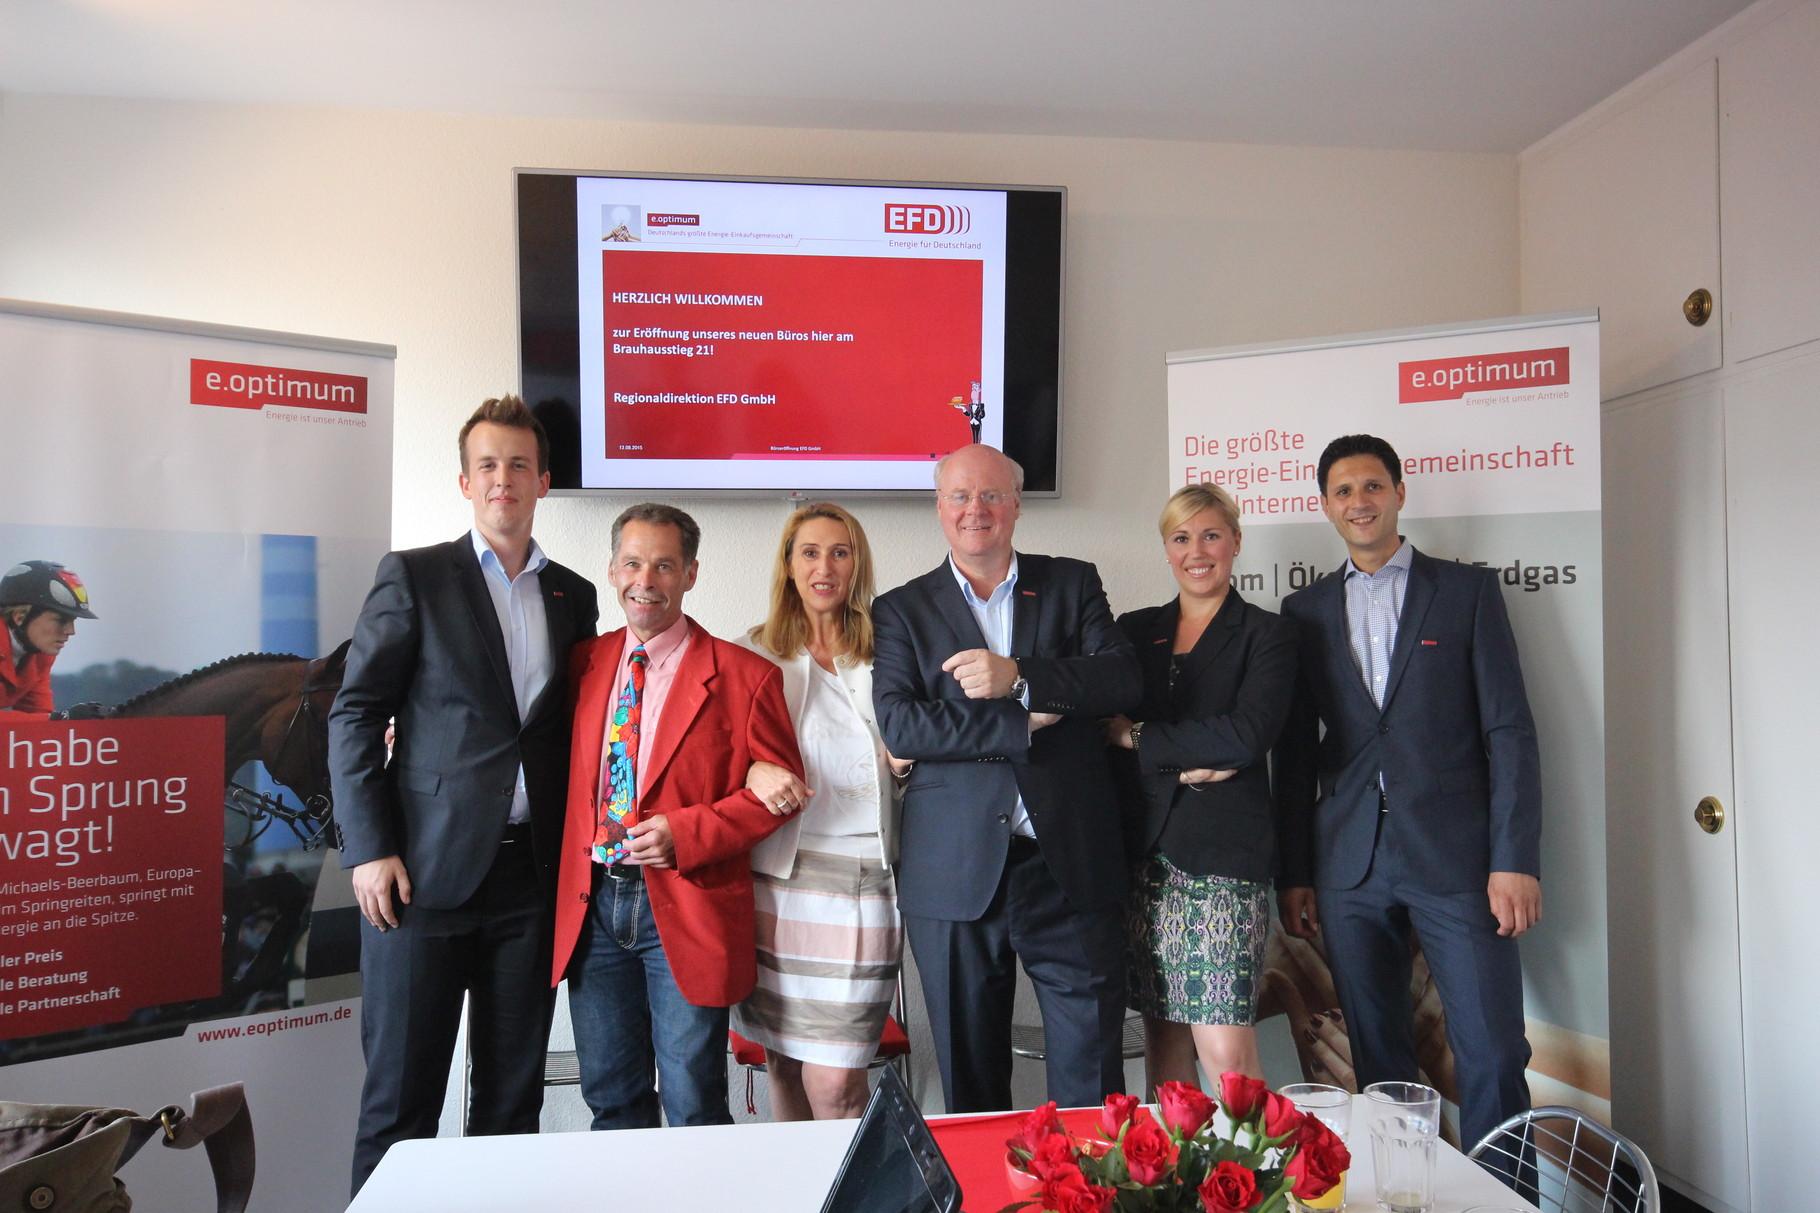 Das Team im Brauhausstieg Herr Fiehn,Herr Kuschmierz, Frau Zube, Herr Engling, Frau Lorey und Herr Temel